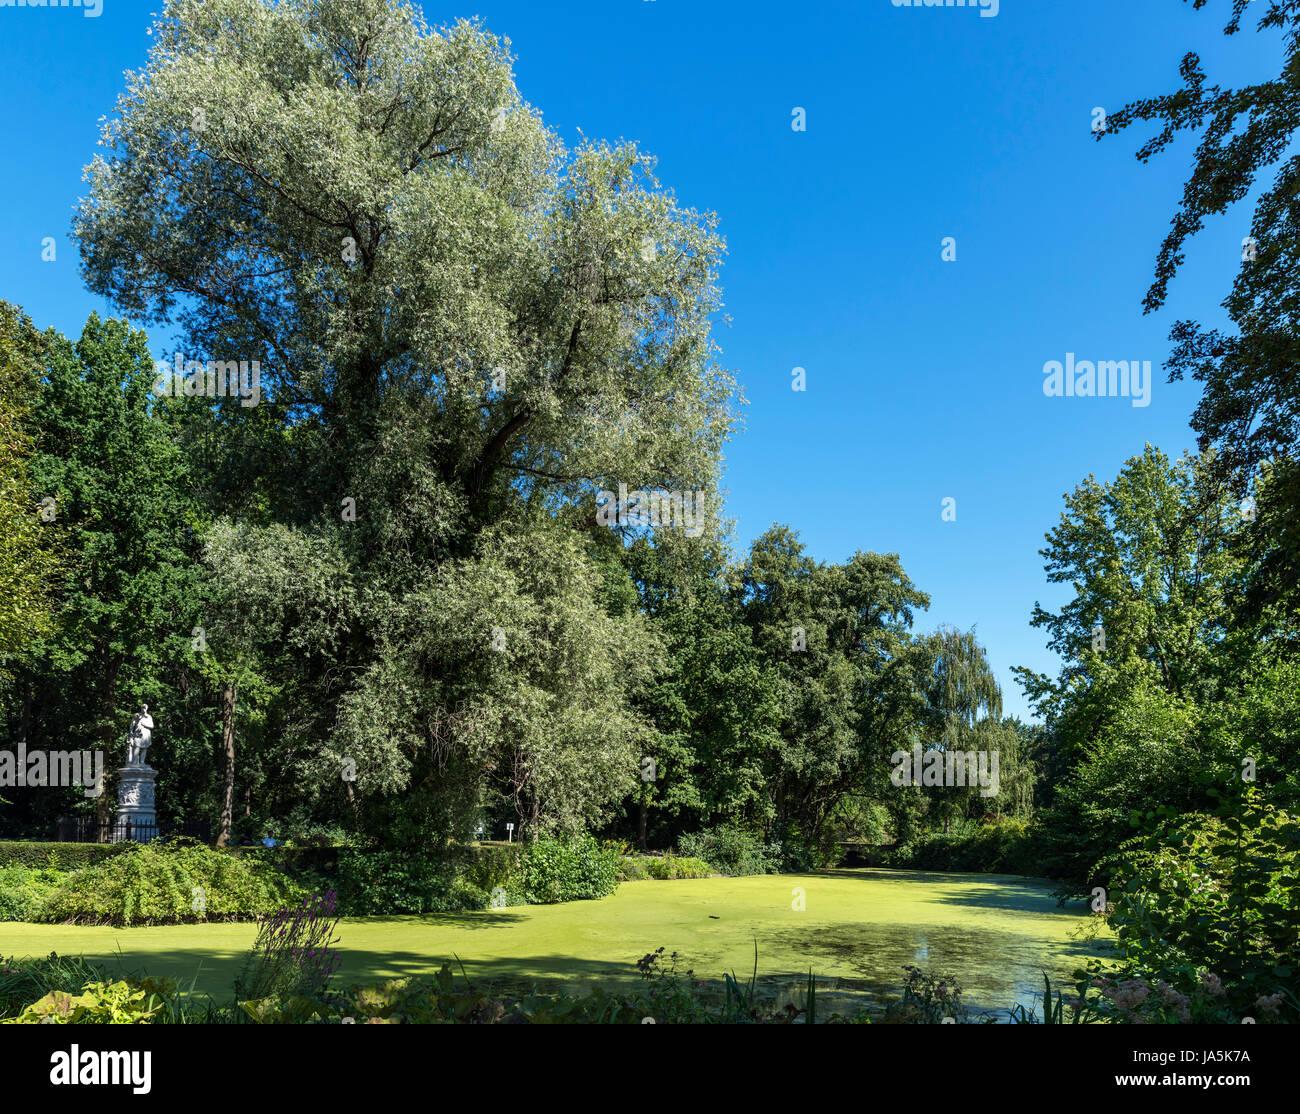 Tiergartengewässer from Luiseninsel, Tiergarten, Berlin, Germany - Stock Image